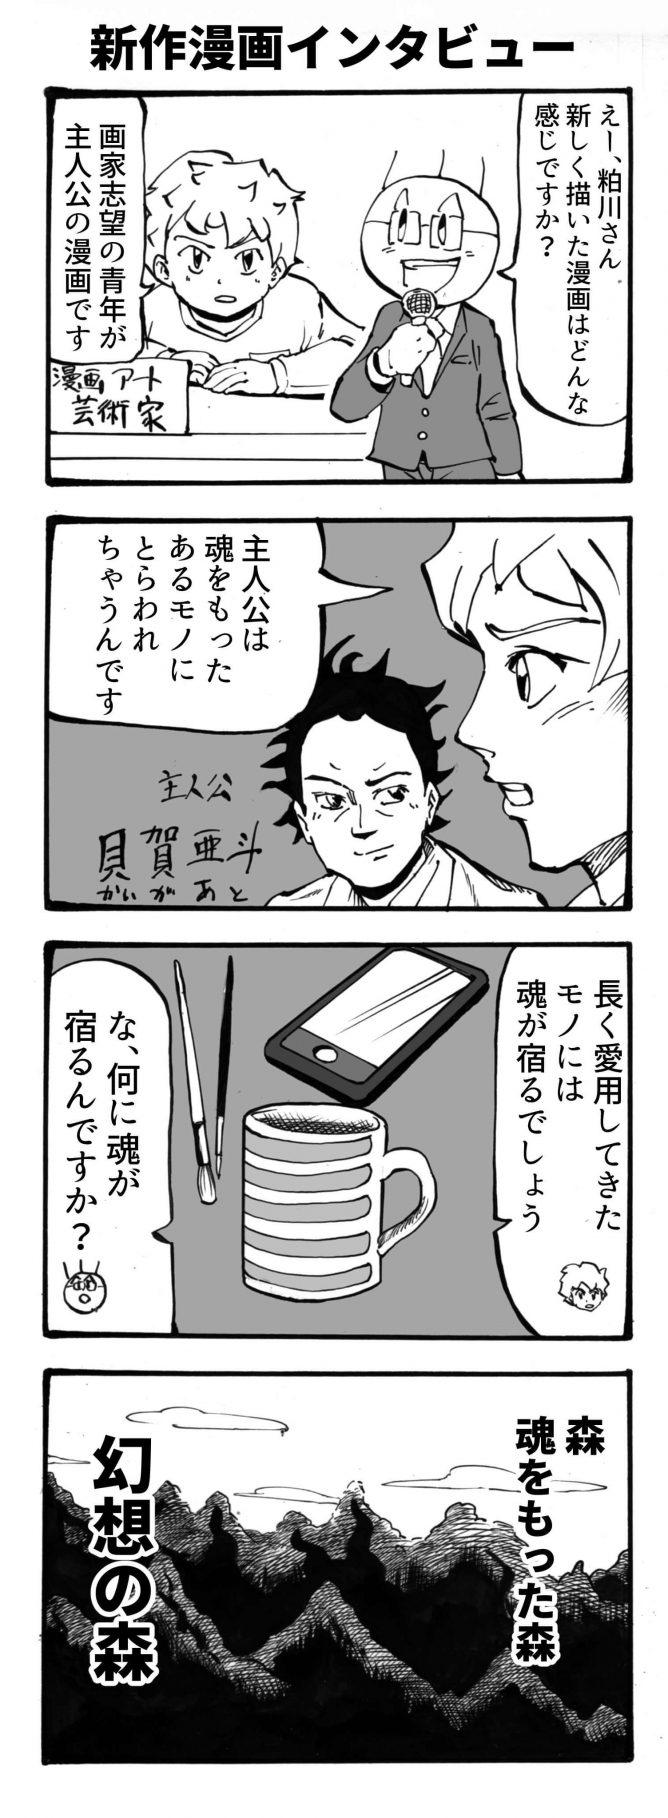 新作漫画インタビュー 四コマ漫画